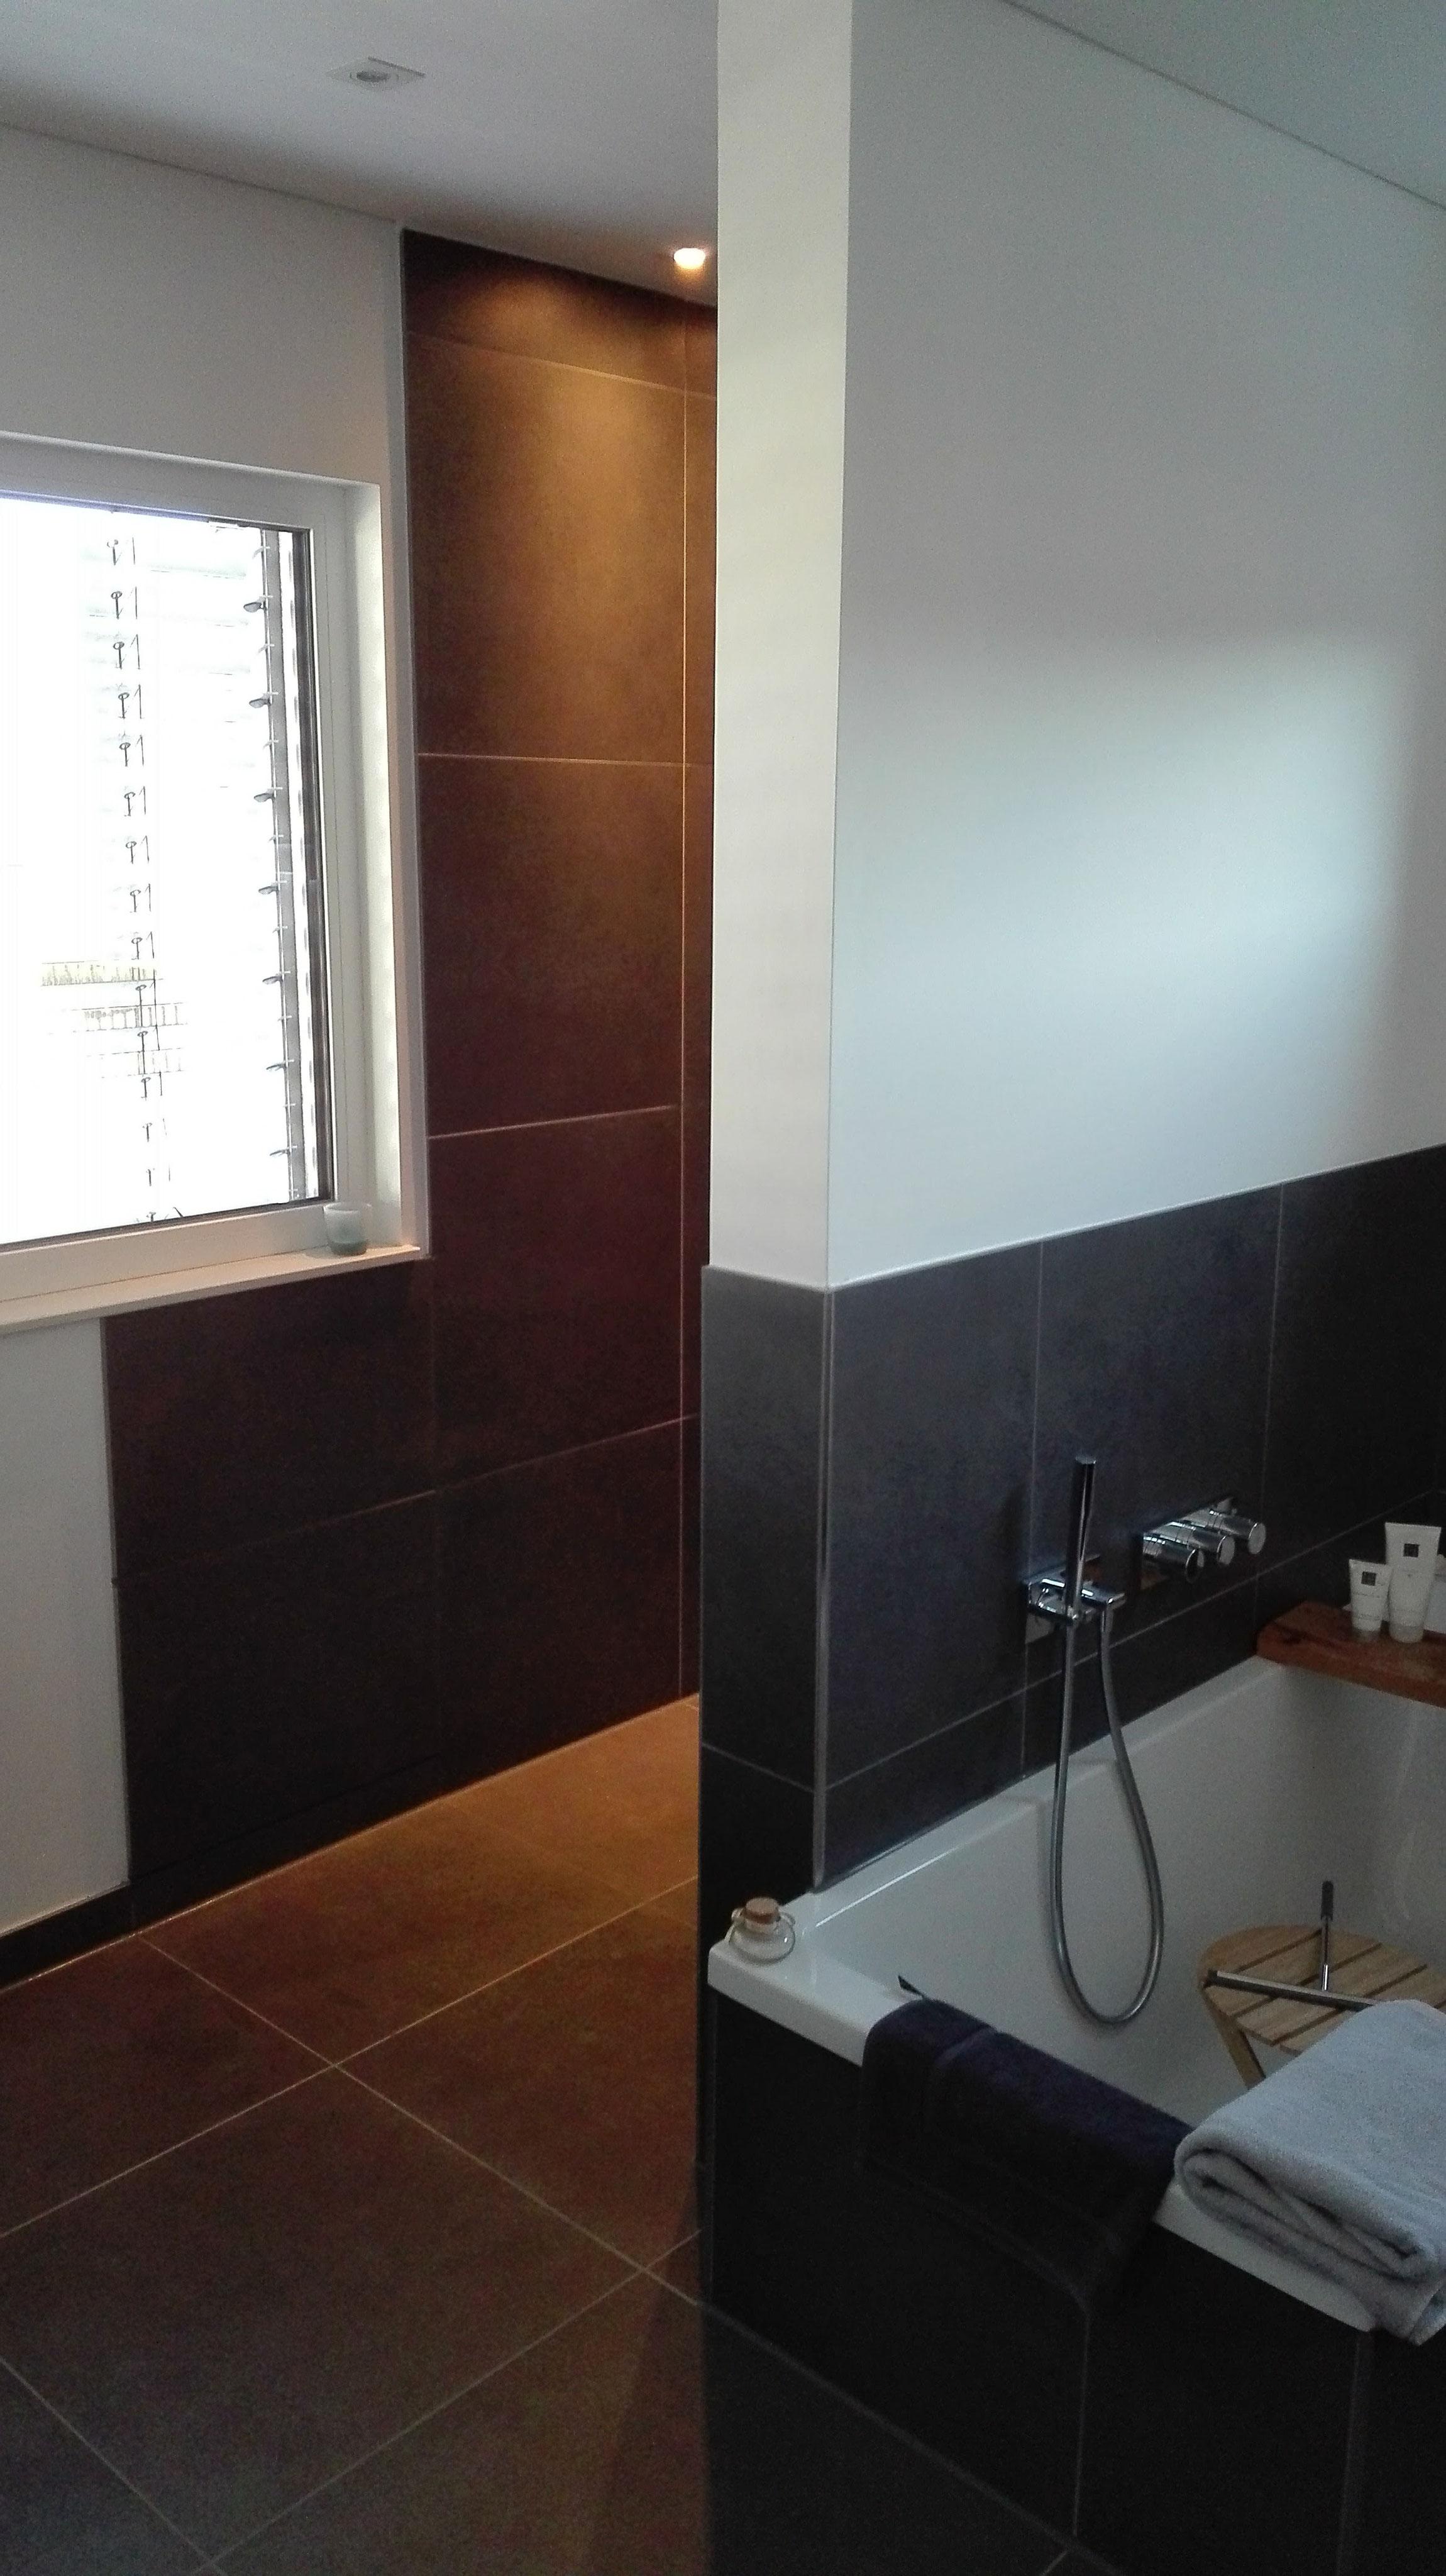 Badezimmer Mit 60x60 Cm Fliesen An Boden Und Wand Veredelt Mit